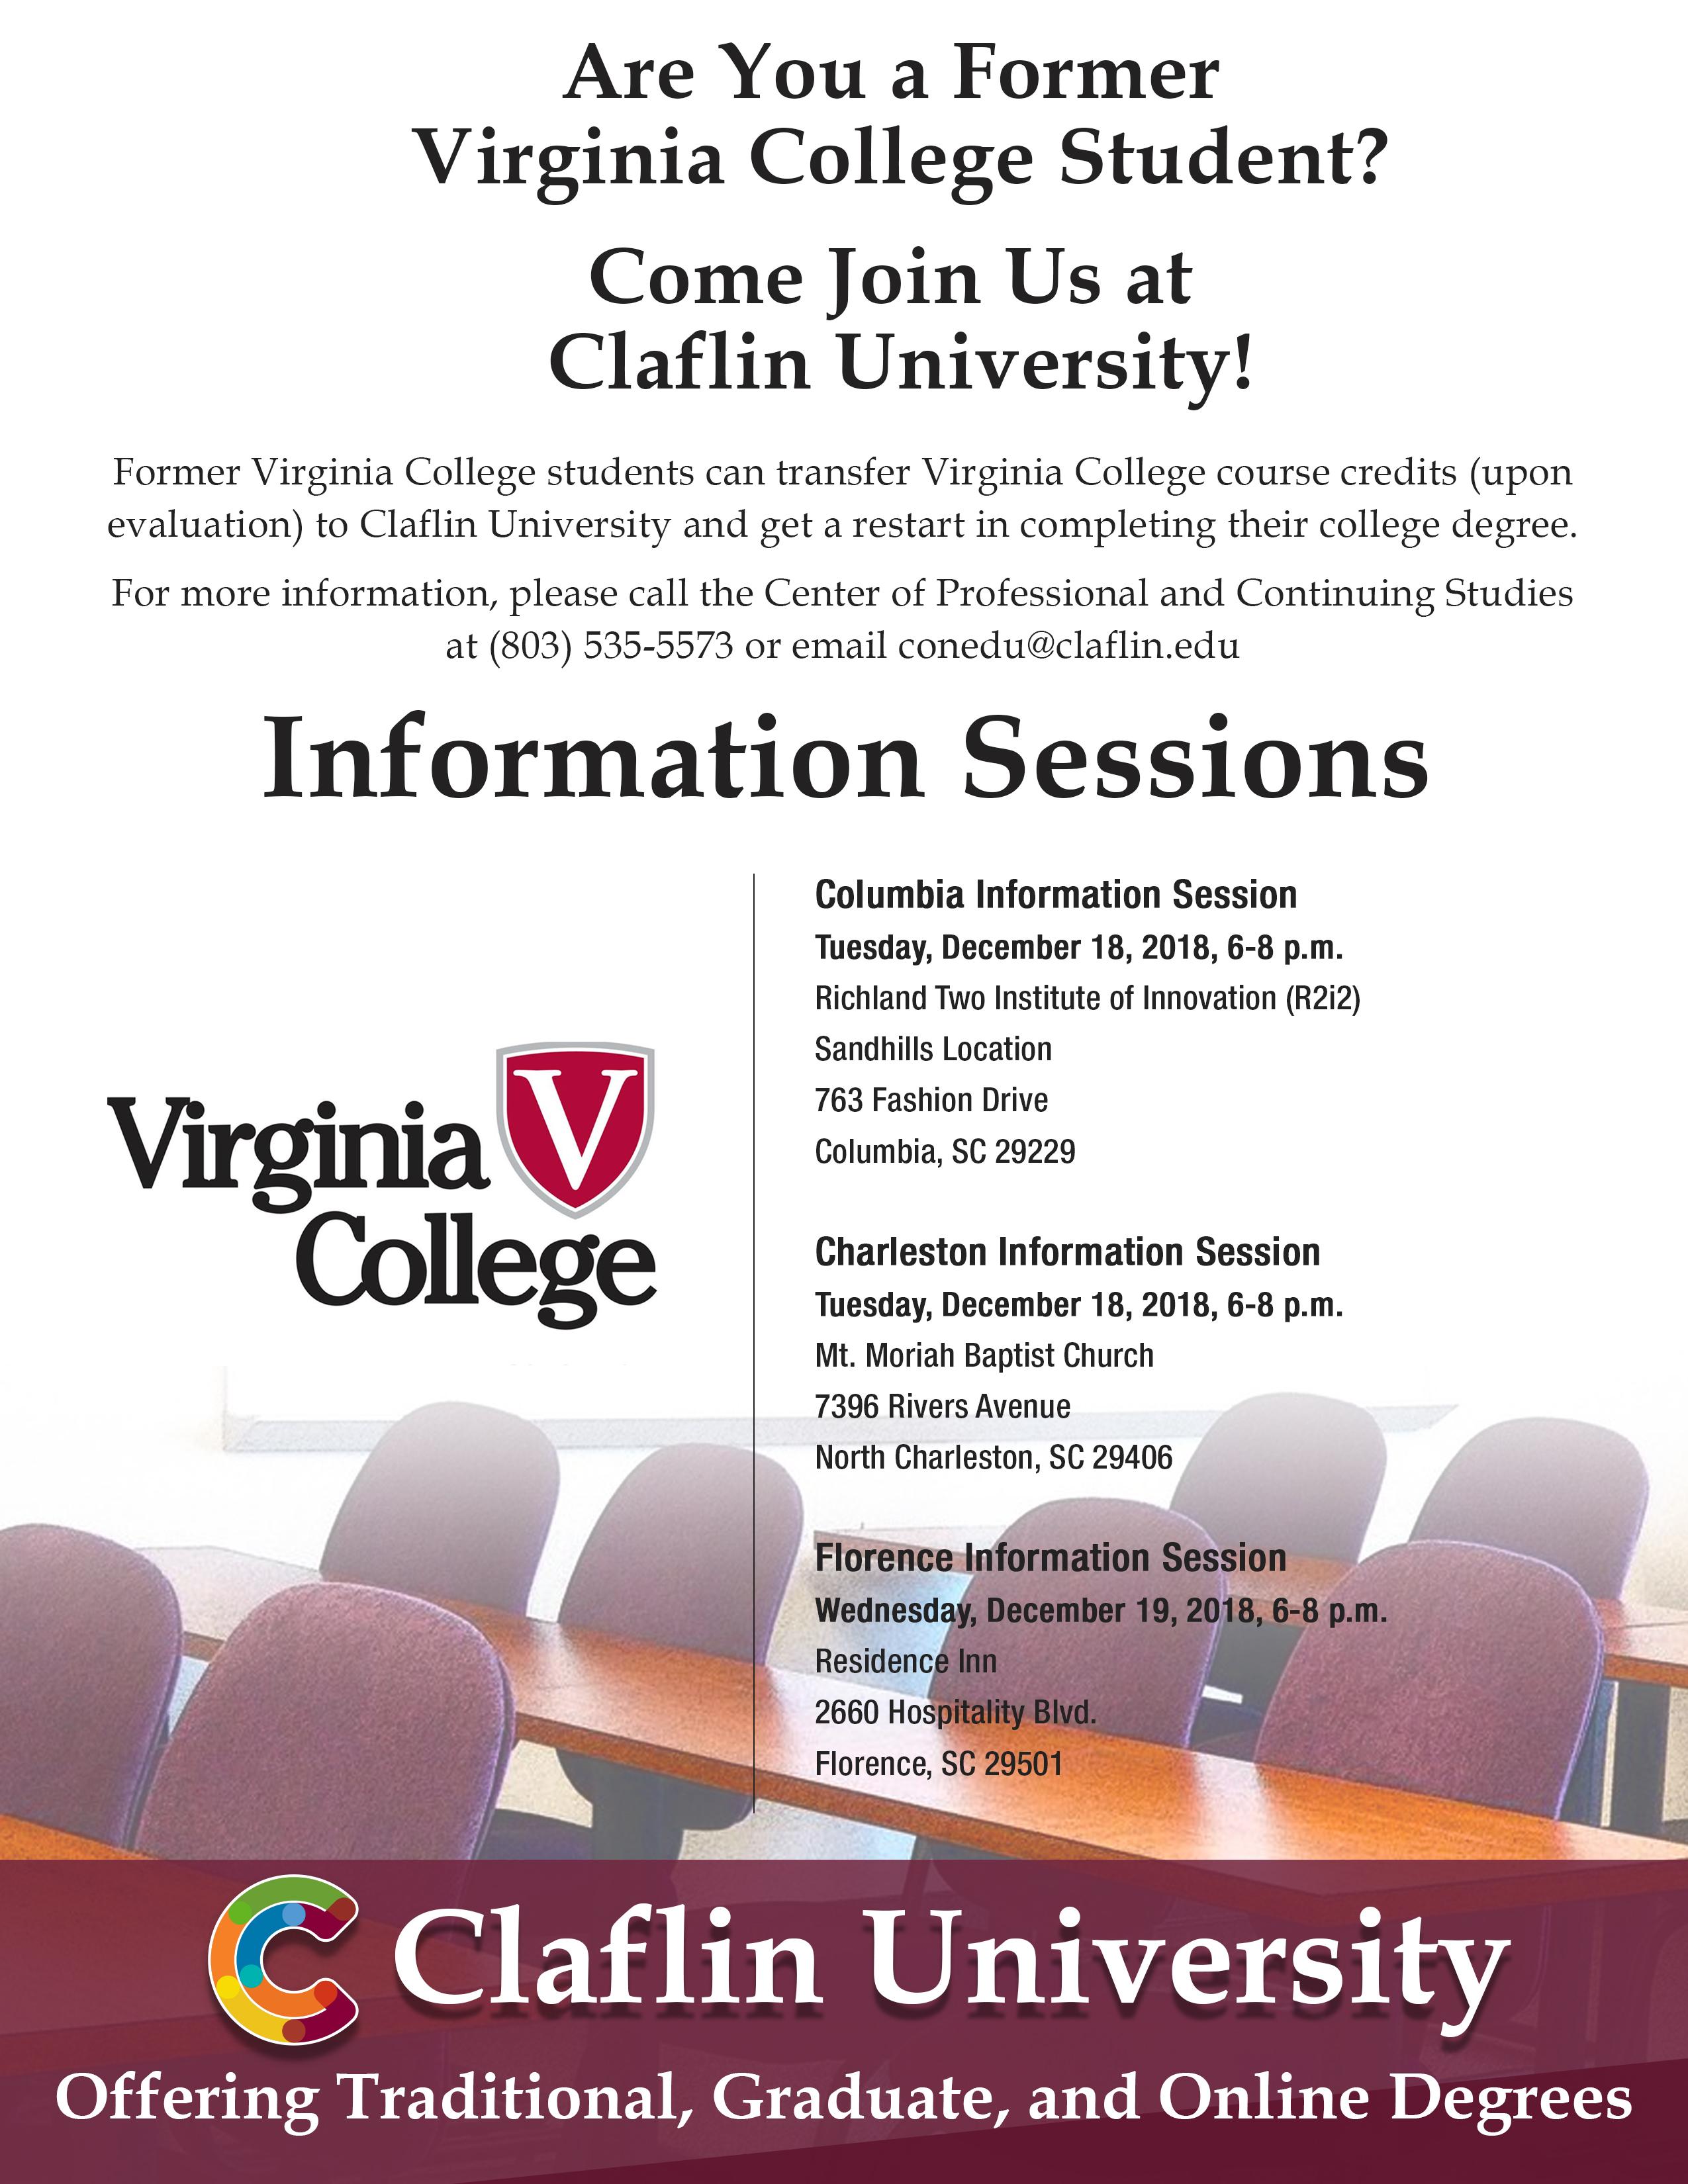 Virginia College Recruitment Reception